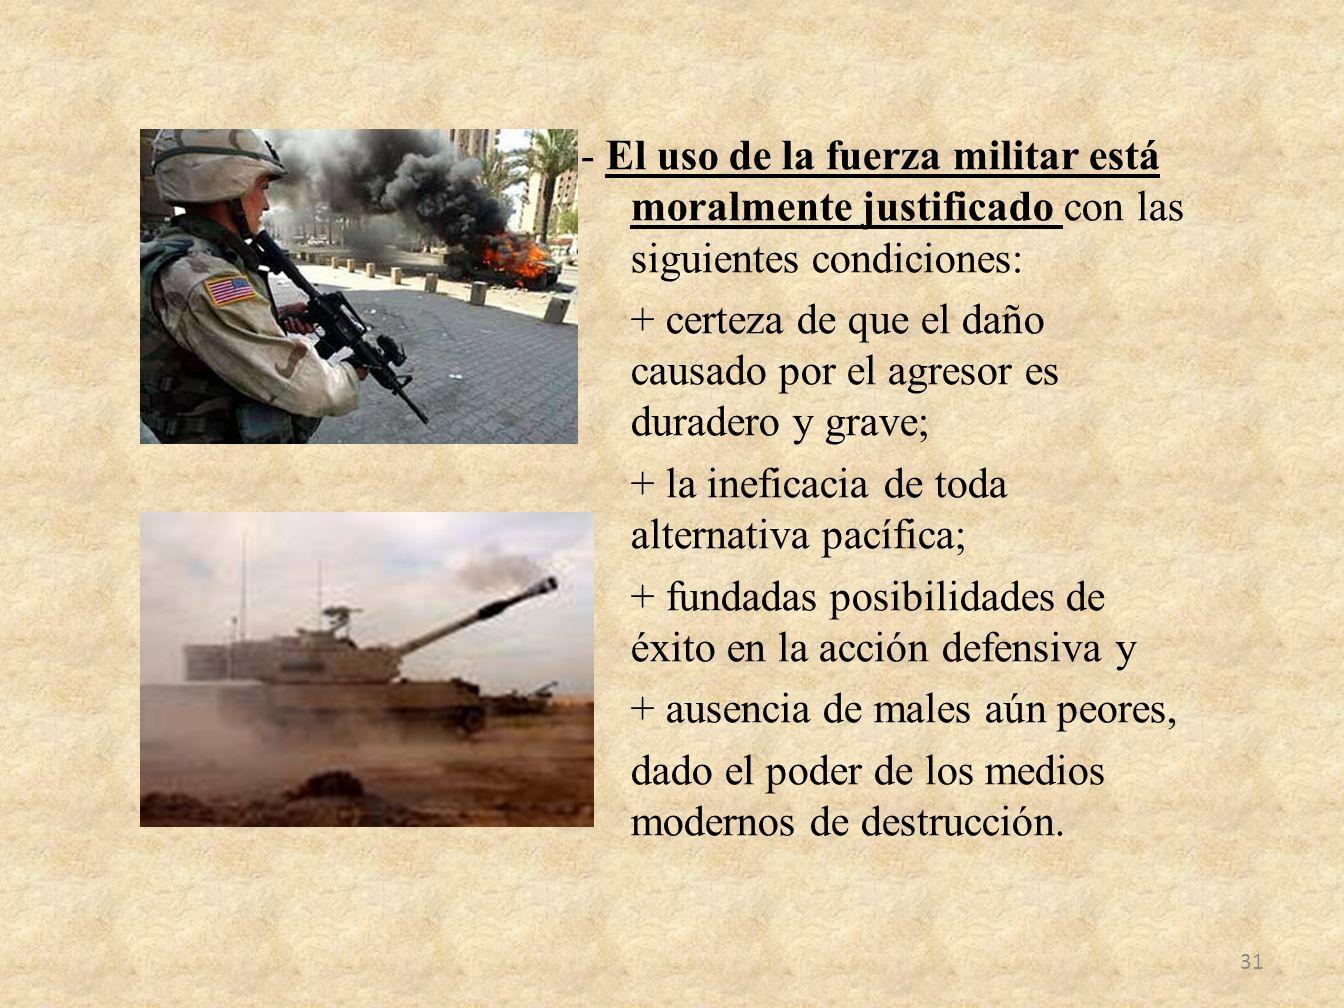 - El uso de la fuerza militar está moralmente justificado con las siguientes condiciones: + certeza de que el daño causado por el agresor es duradero